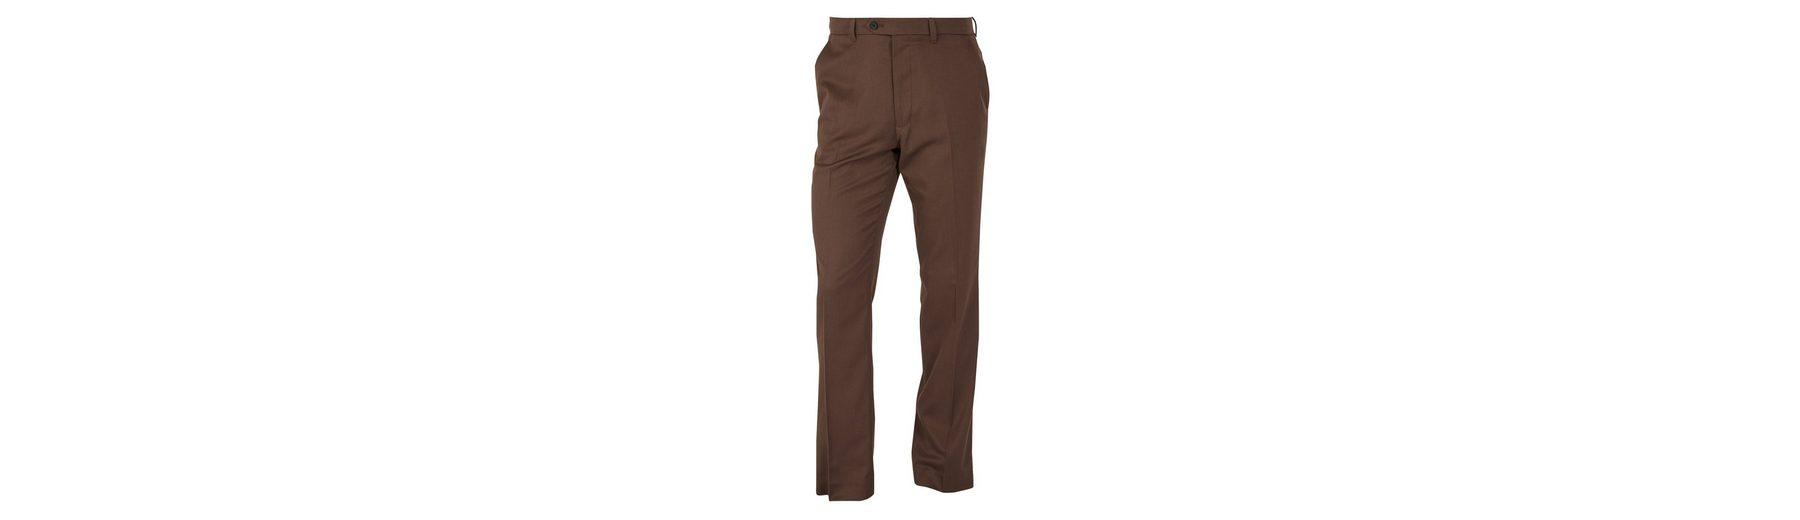 Kauf Verkauf Online Zum Verkauf Online-Shop Next Hose ohne Bundfalte 6cso64JKfB